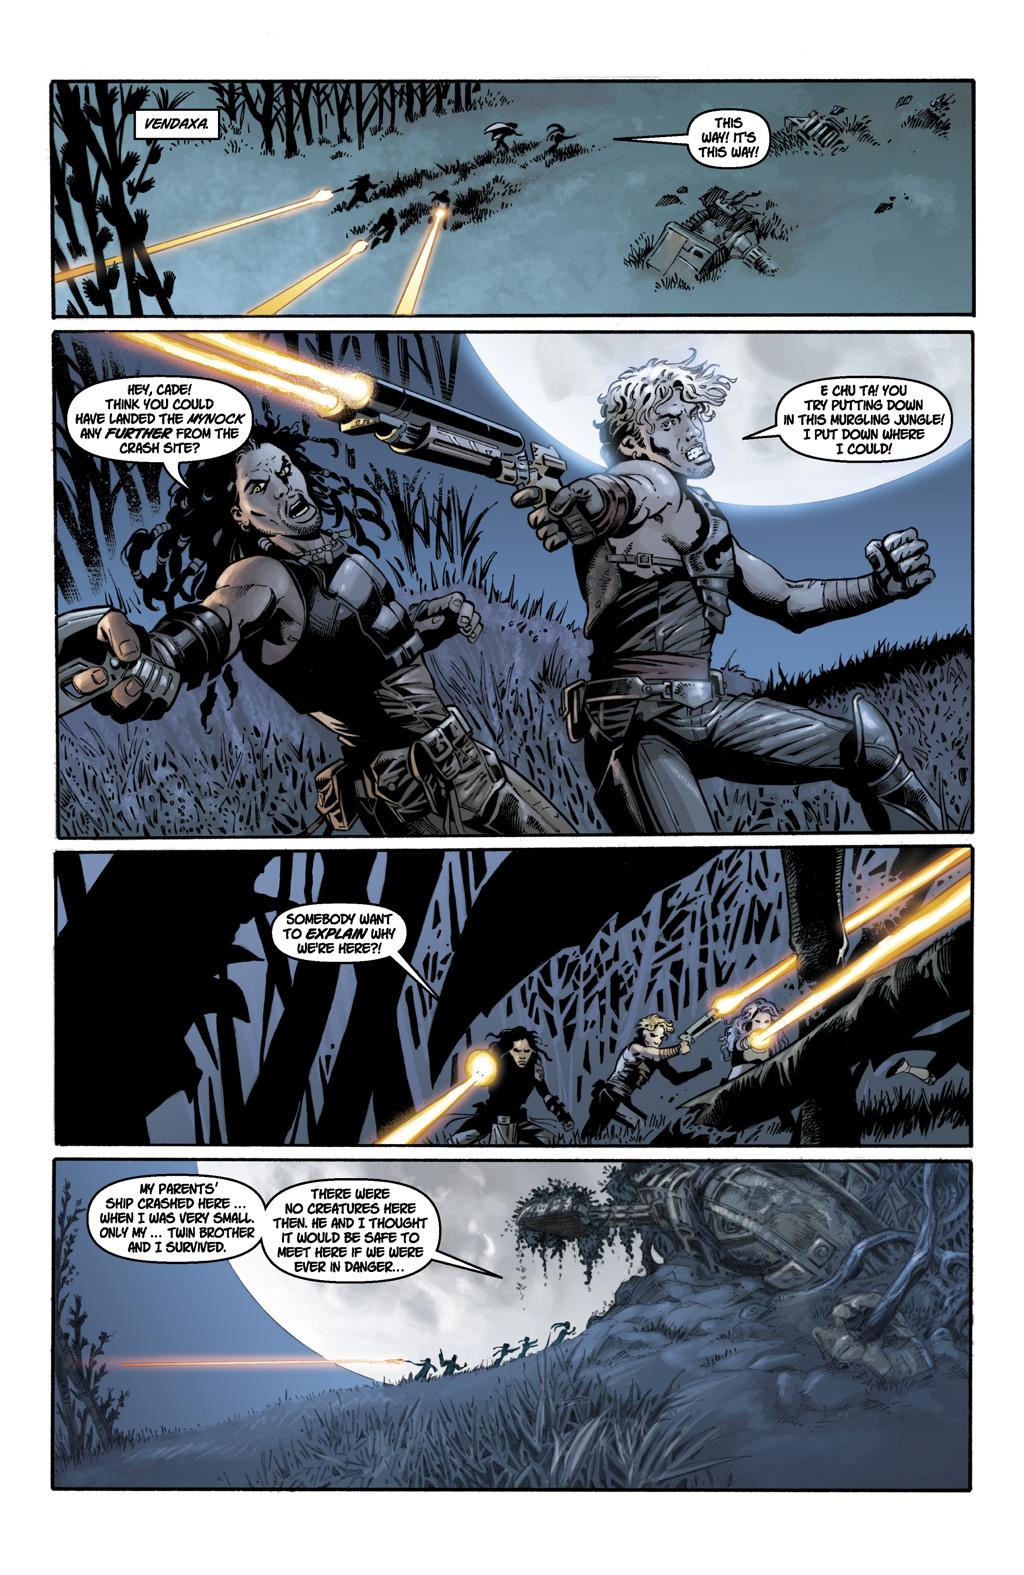 Cade Skywalker Rivals Yoda LqoFr3VwSEcXlYRfqL9U8CVVNJT3CoCpVg3vMqpZrHgj0KjPgQF0llkdGaF6JsV_ApMr2pT2dYkP=s1600